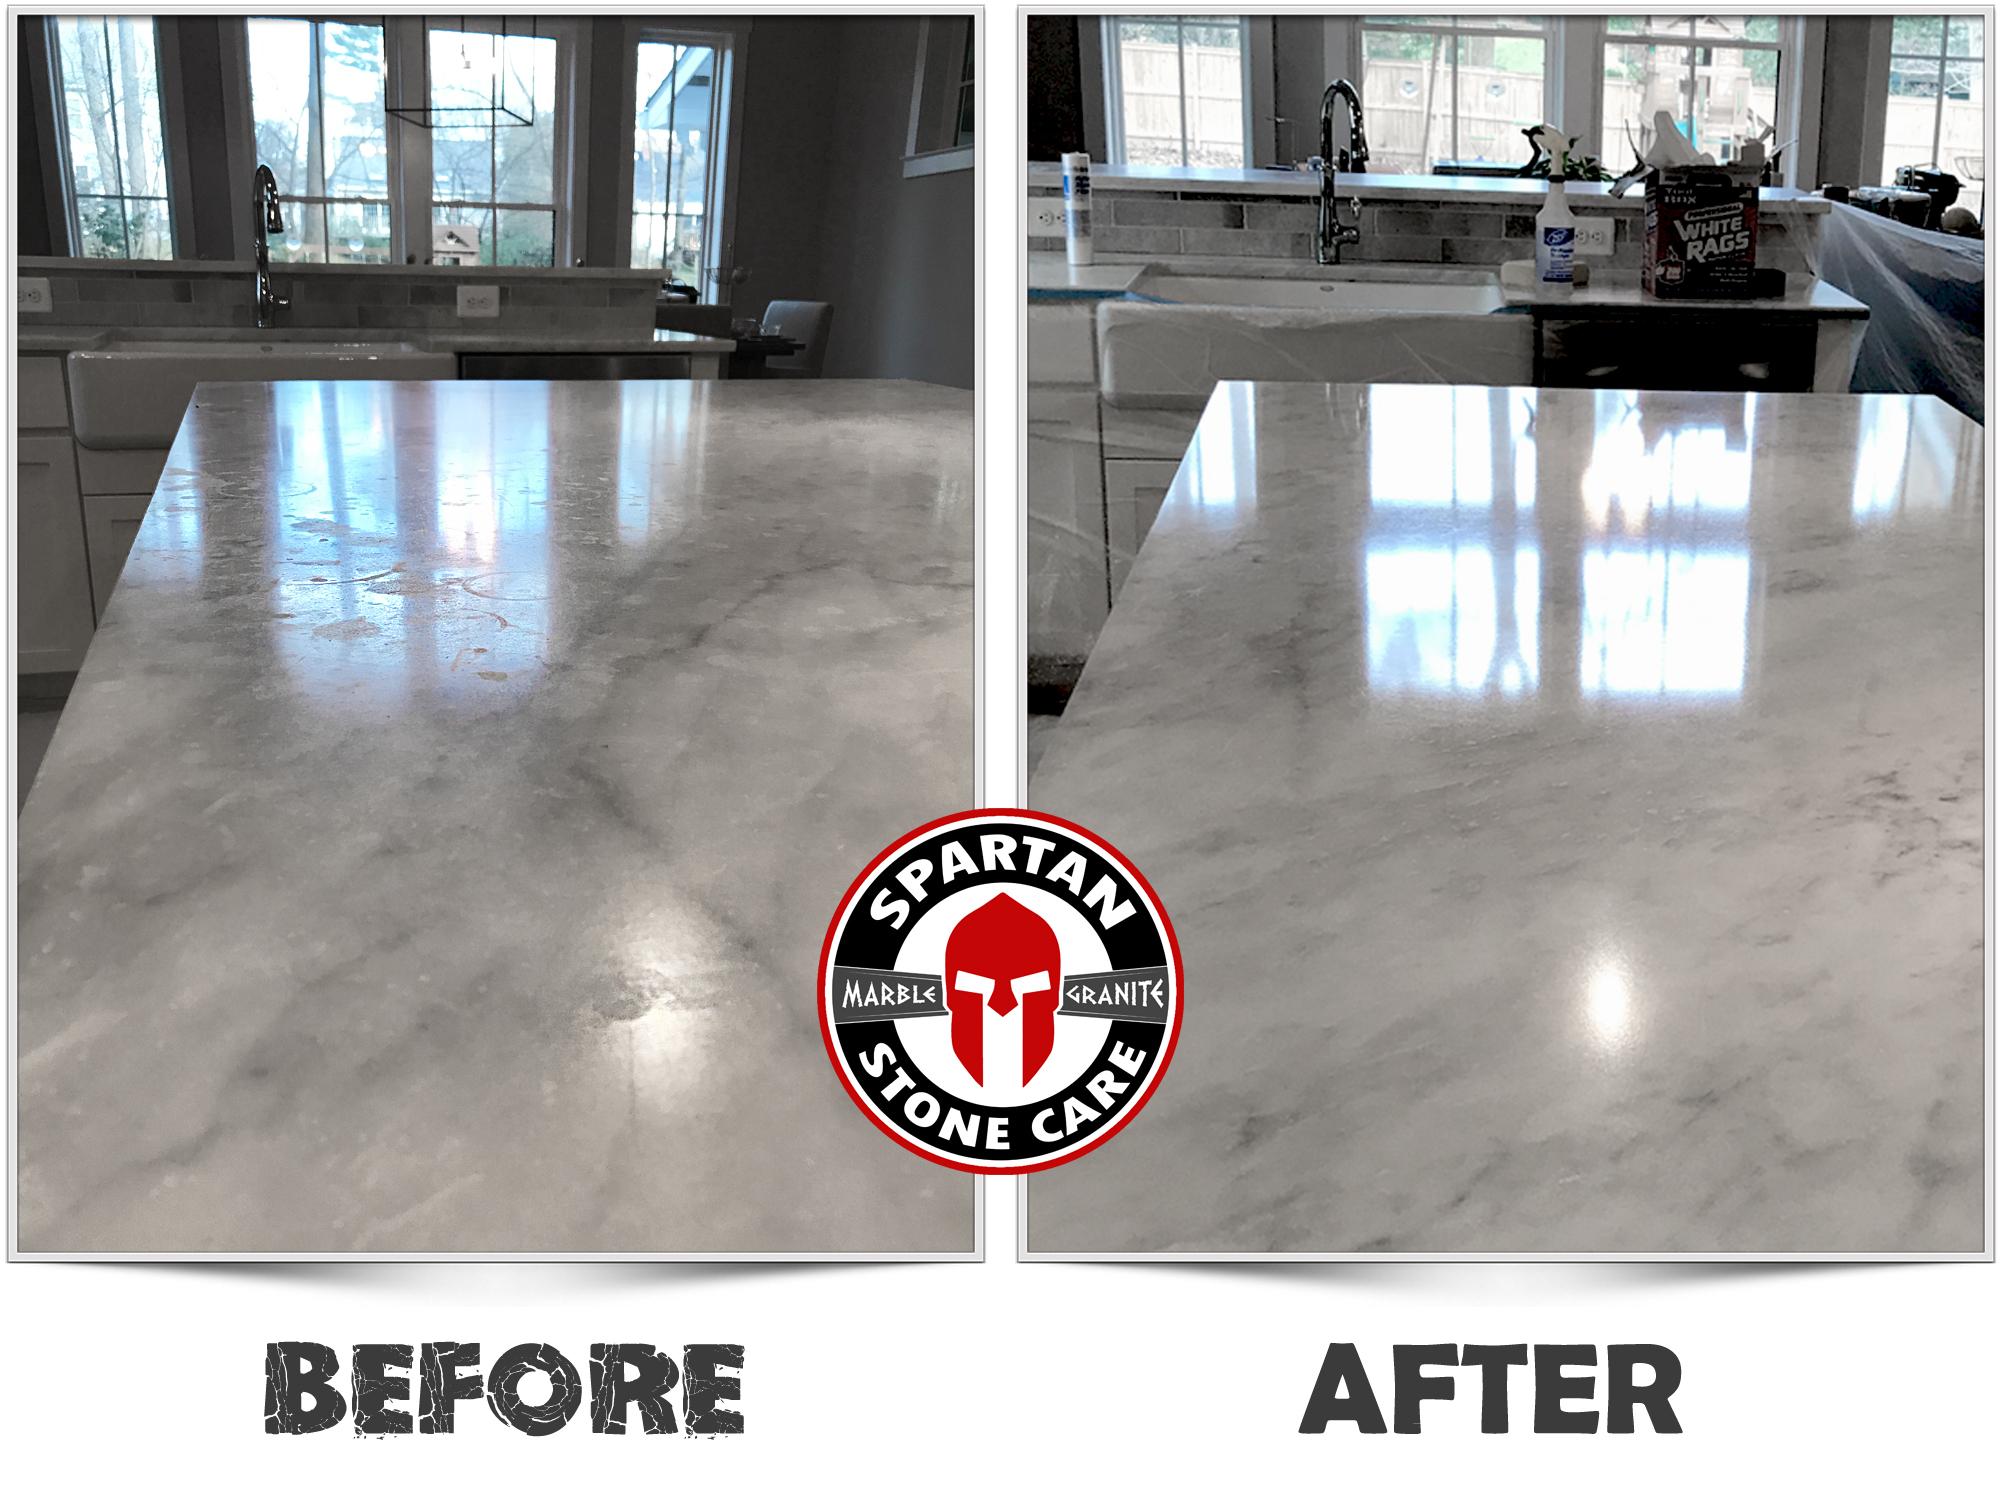 Recent Work - Marble polishing, granite countertop repair